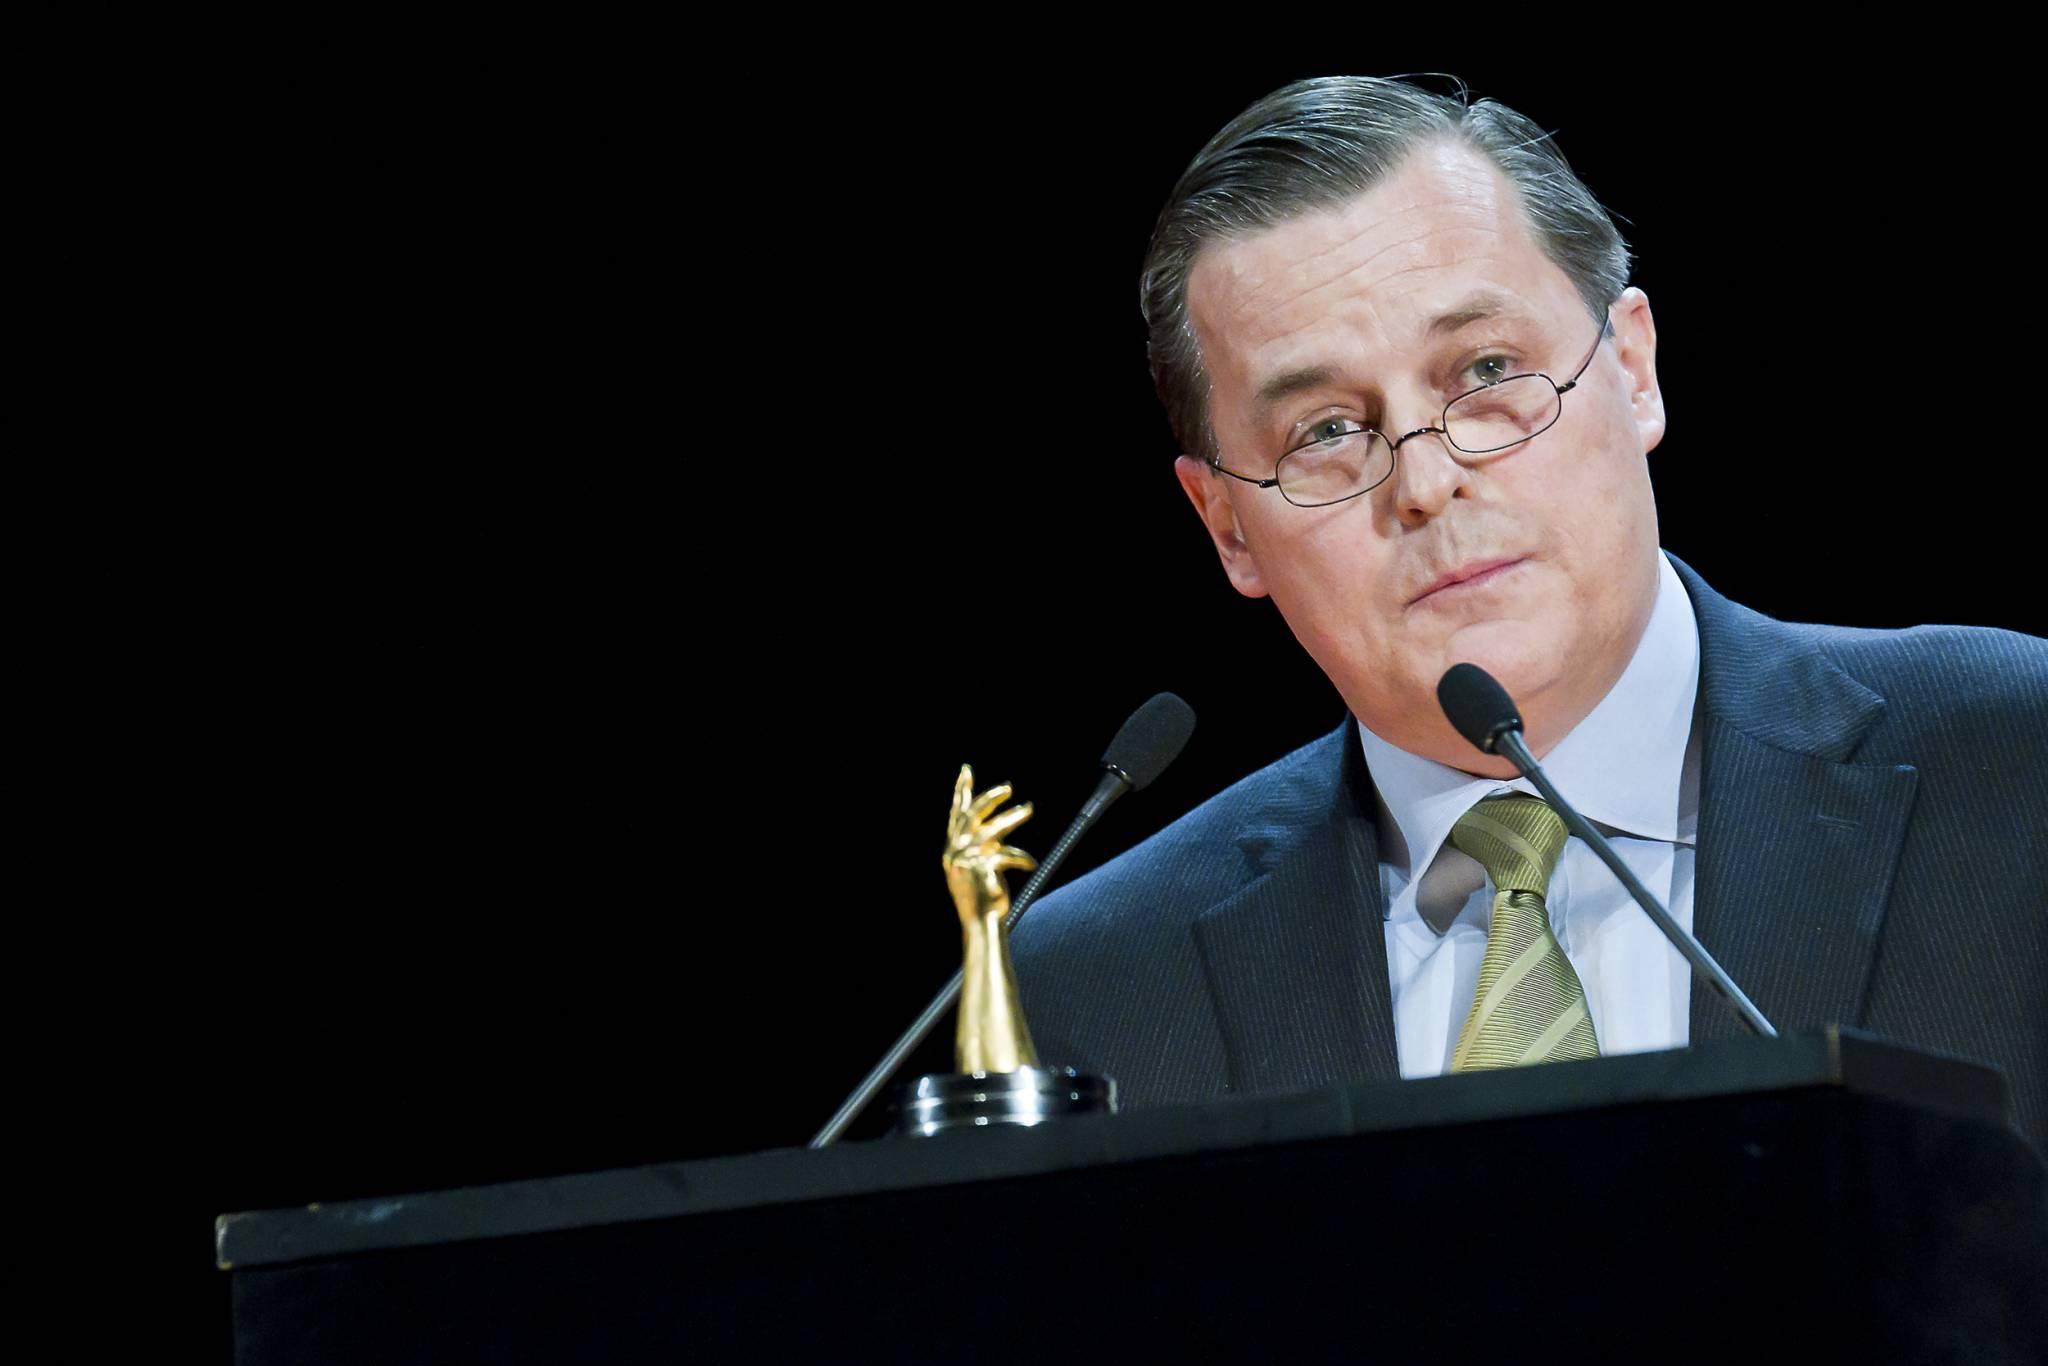 Philippe Merk, CEO de Audemars Piguet, marque lauréate du Prix du Public 2011